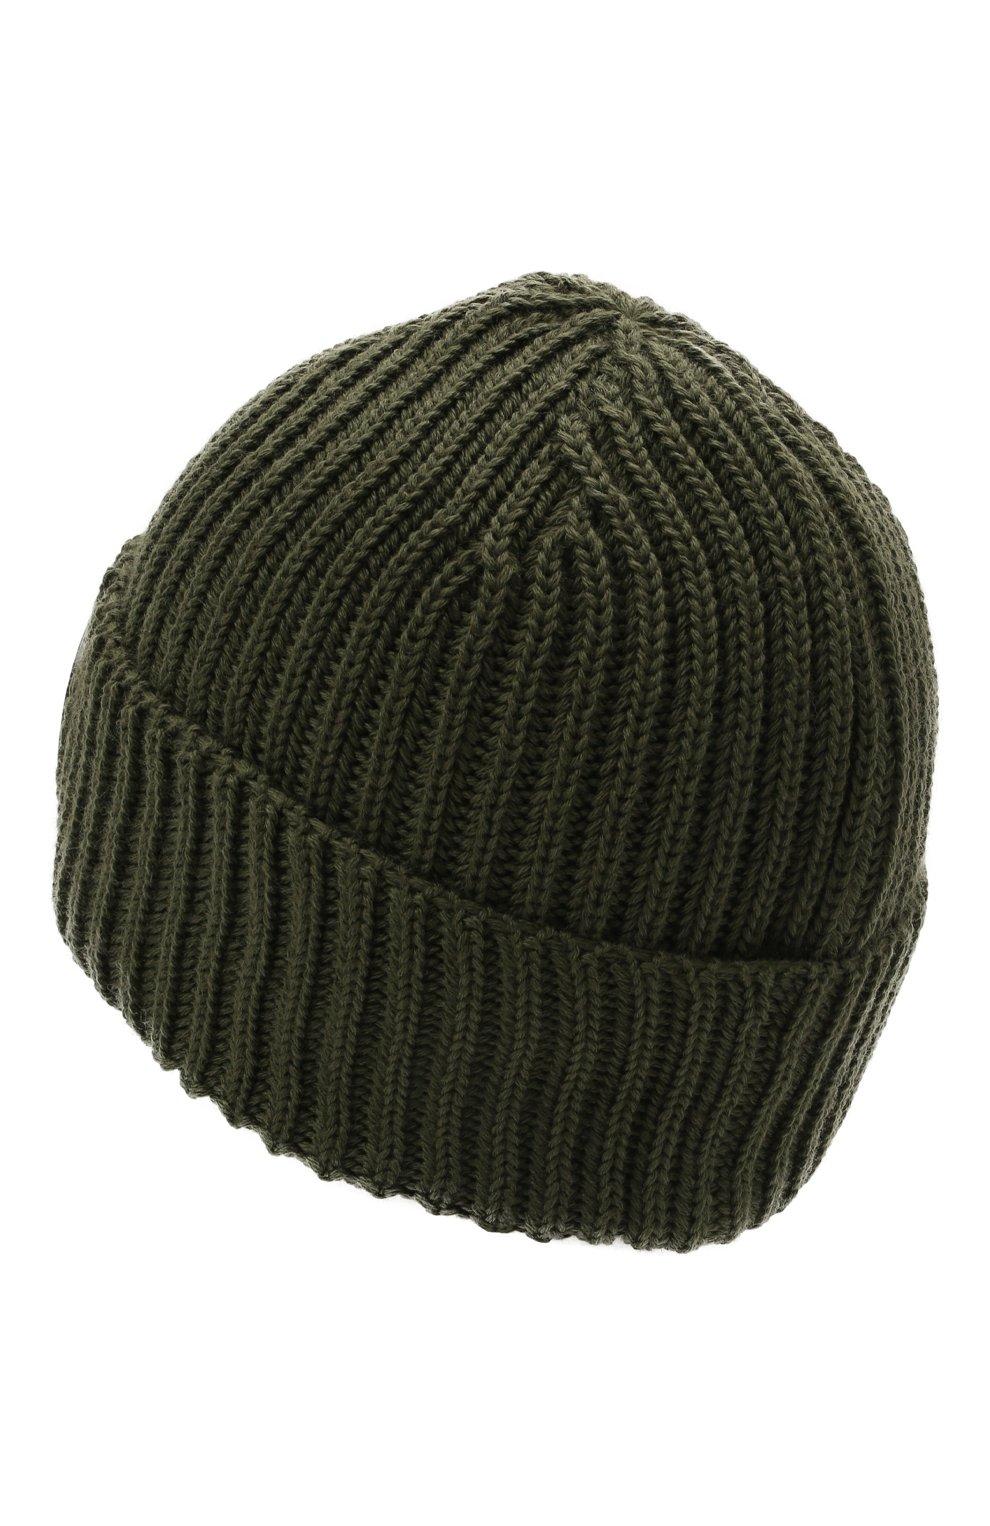 Мужская шерстяная шапка C.P. COMPANY хаки цвета, арт. 11CMAC122A-005509A   Фото 2 (Материал: Шерсть; Кросс-КТ: Трикотаж)